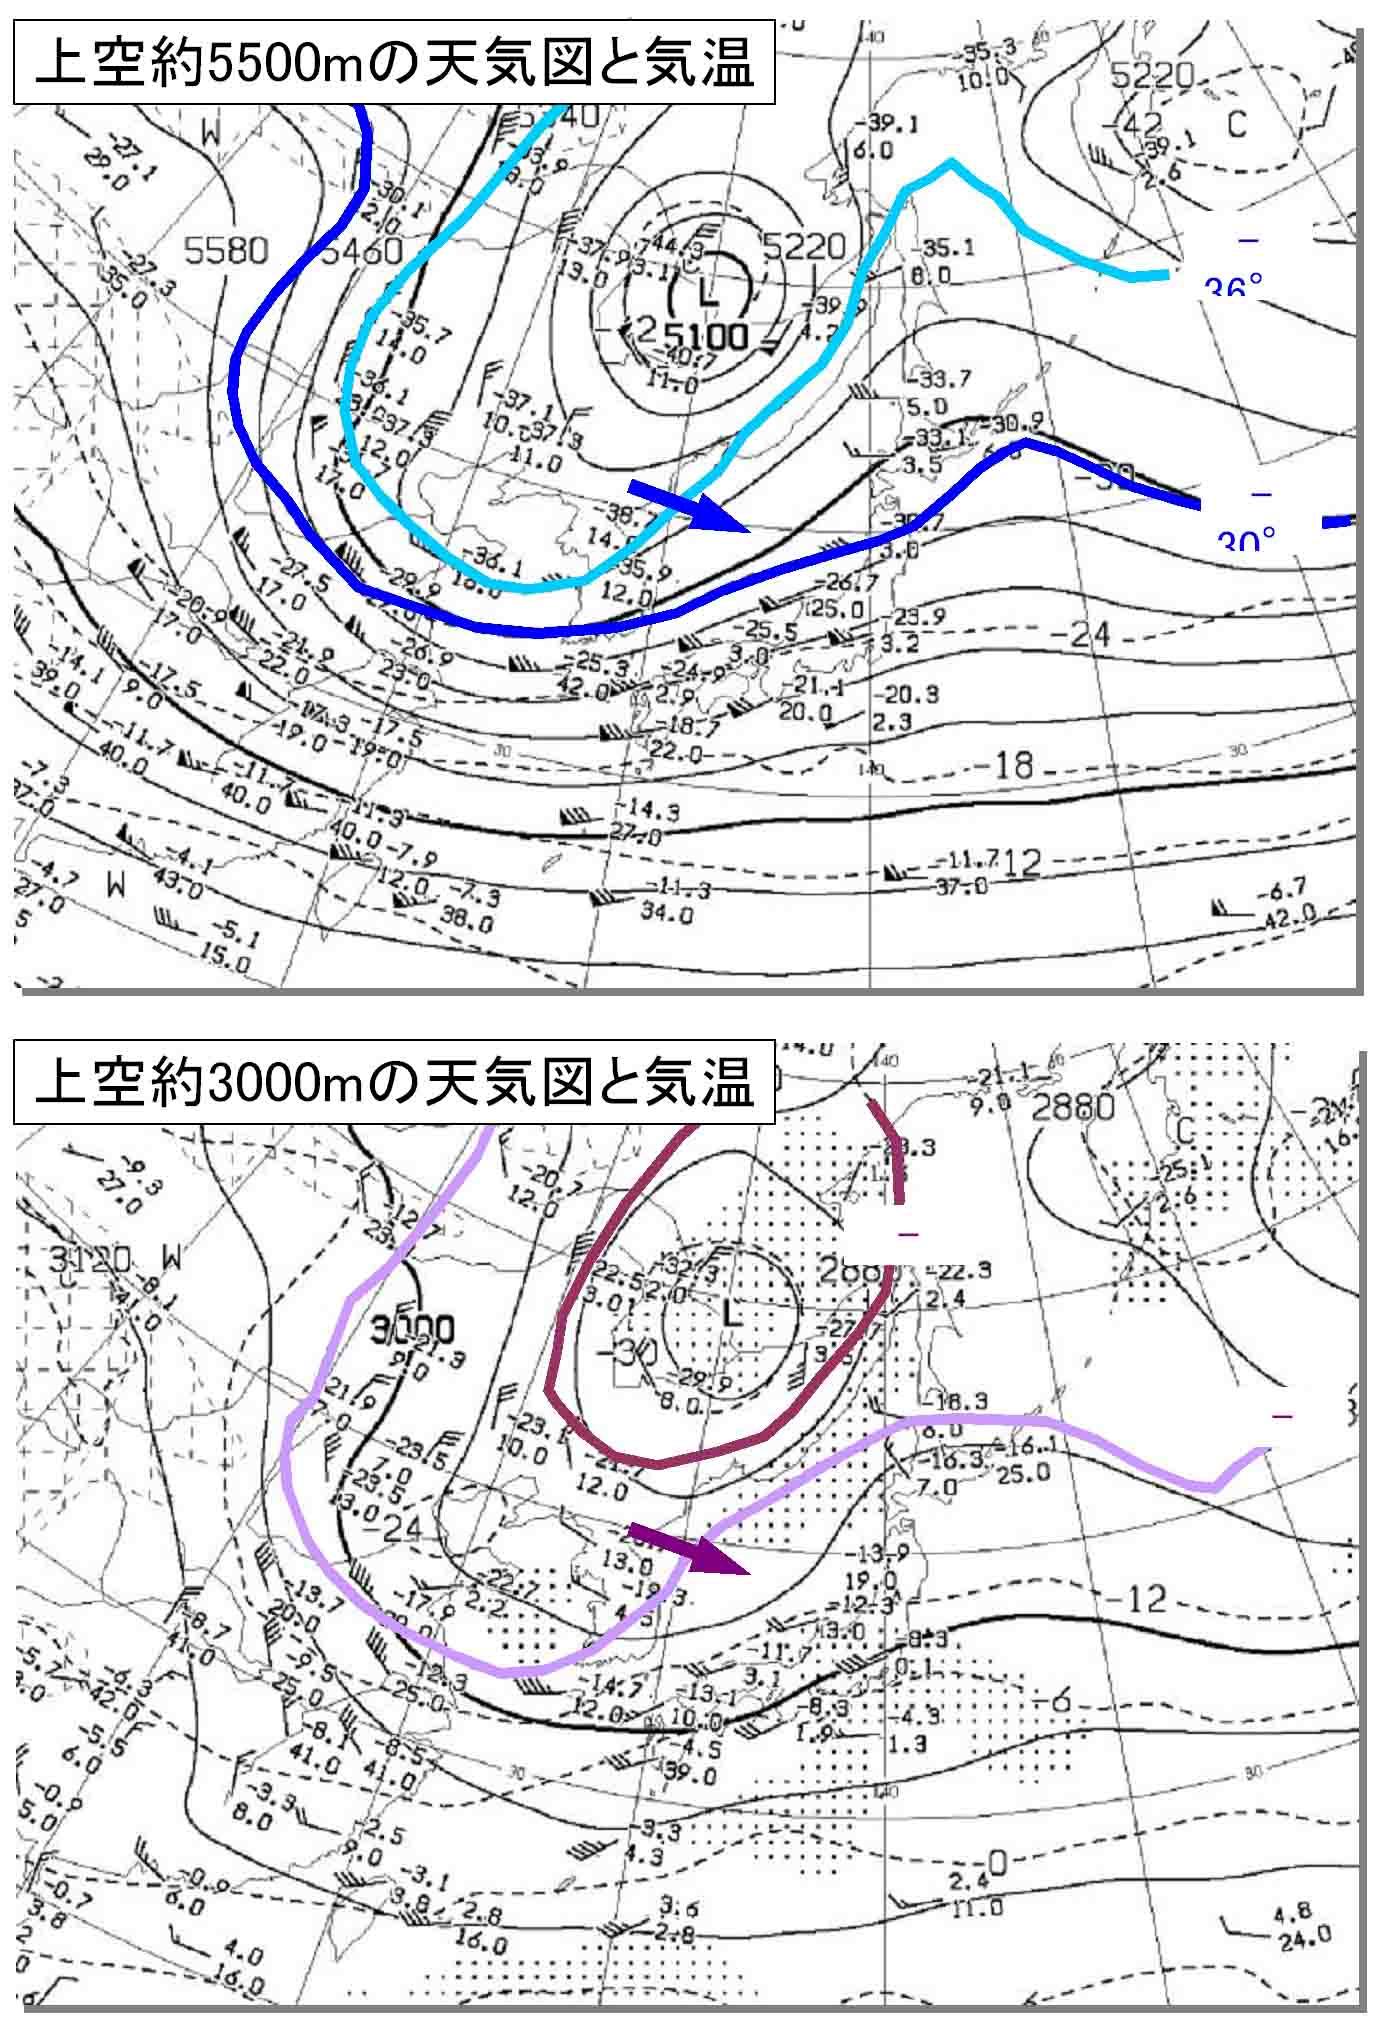 上空に強い寒気接近中(1月9日) 調整